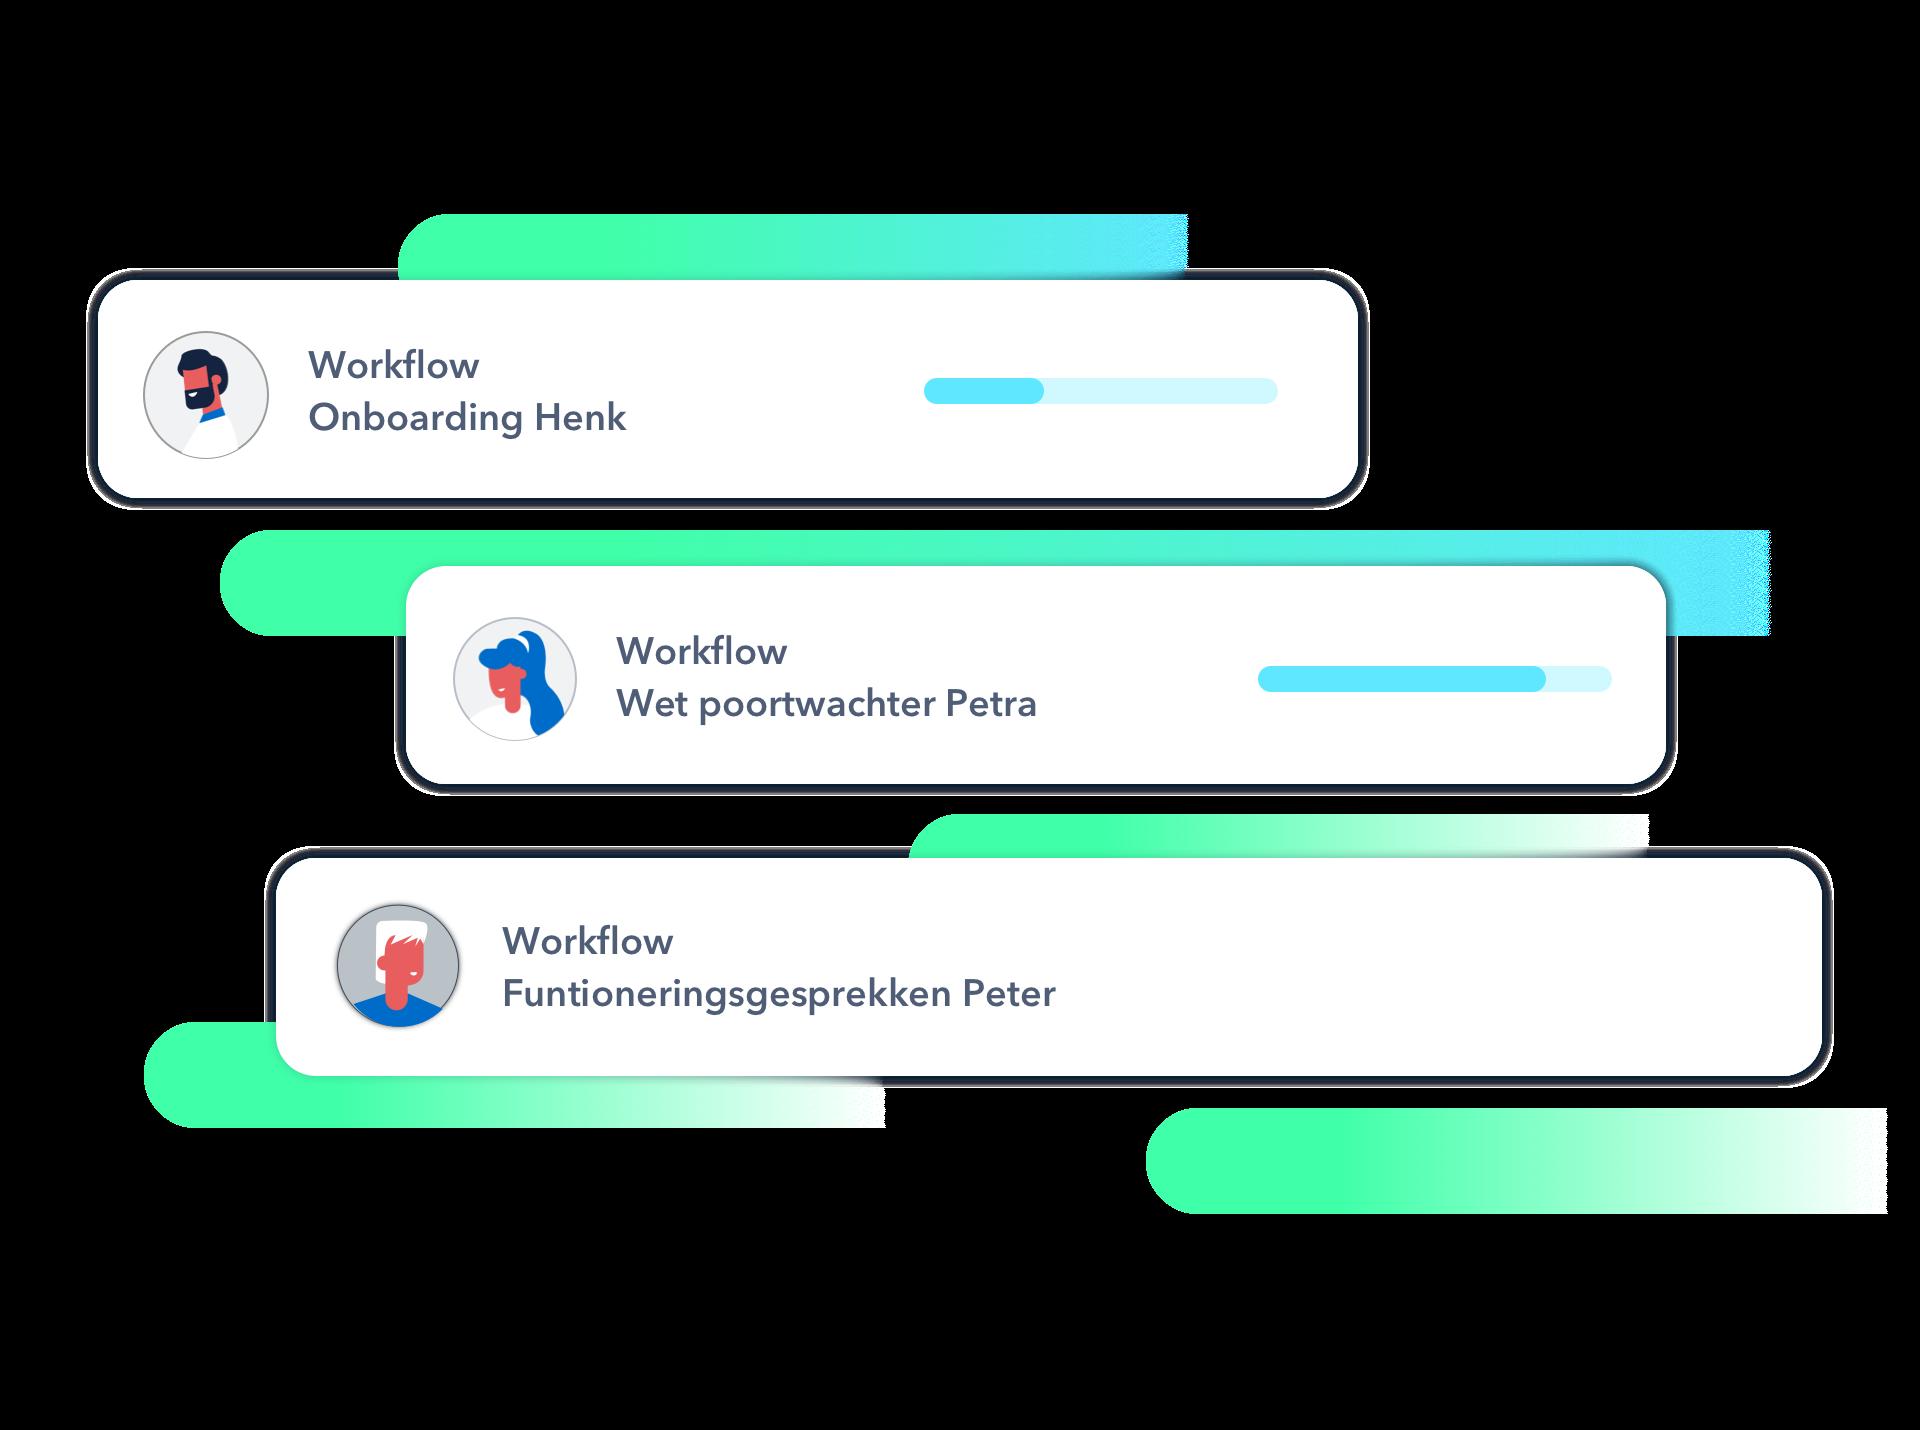 HR Workflow van HoorayHR voorbeelden Onboarding, functioneringsgesprekken en Wet poortwachter